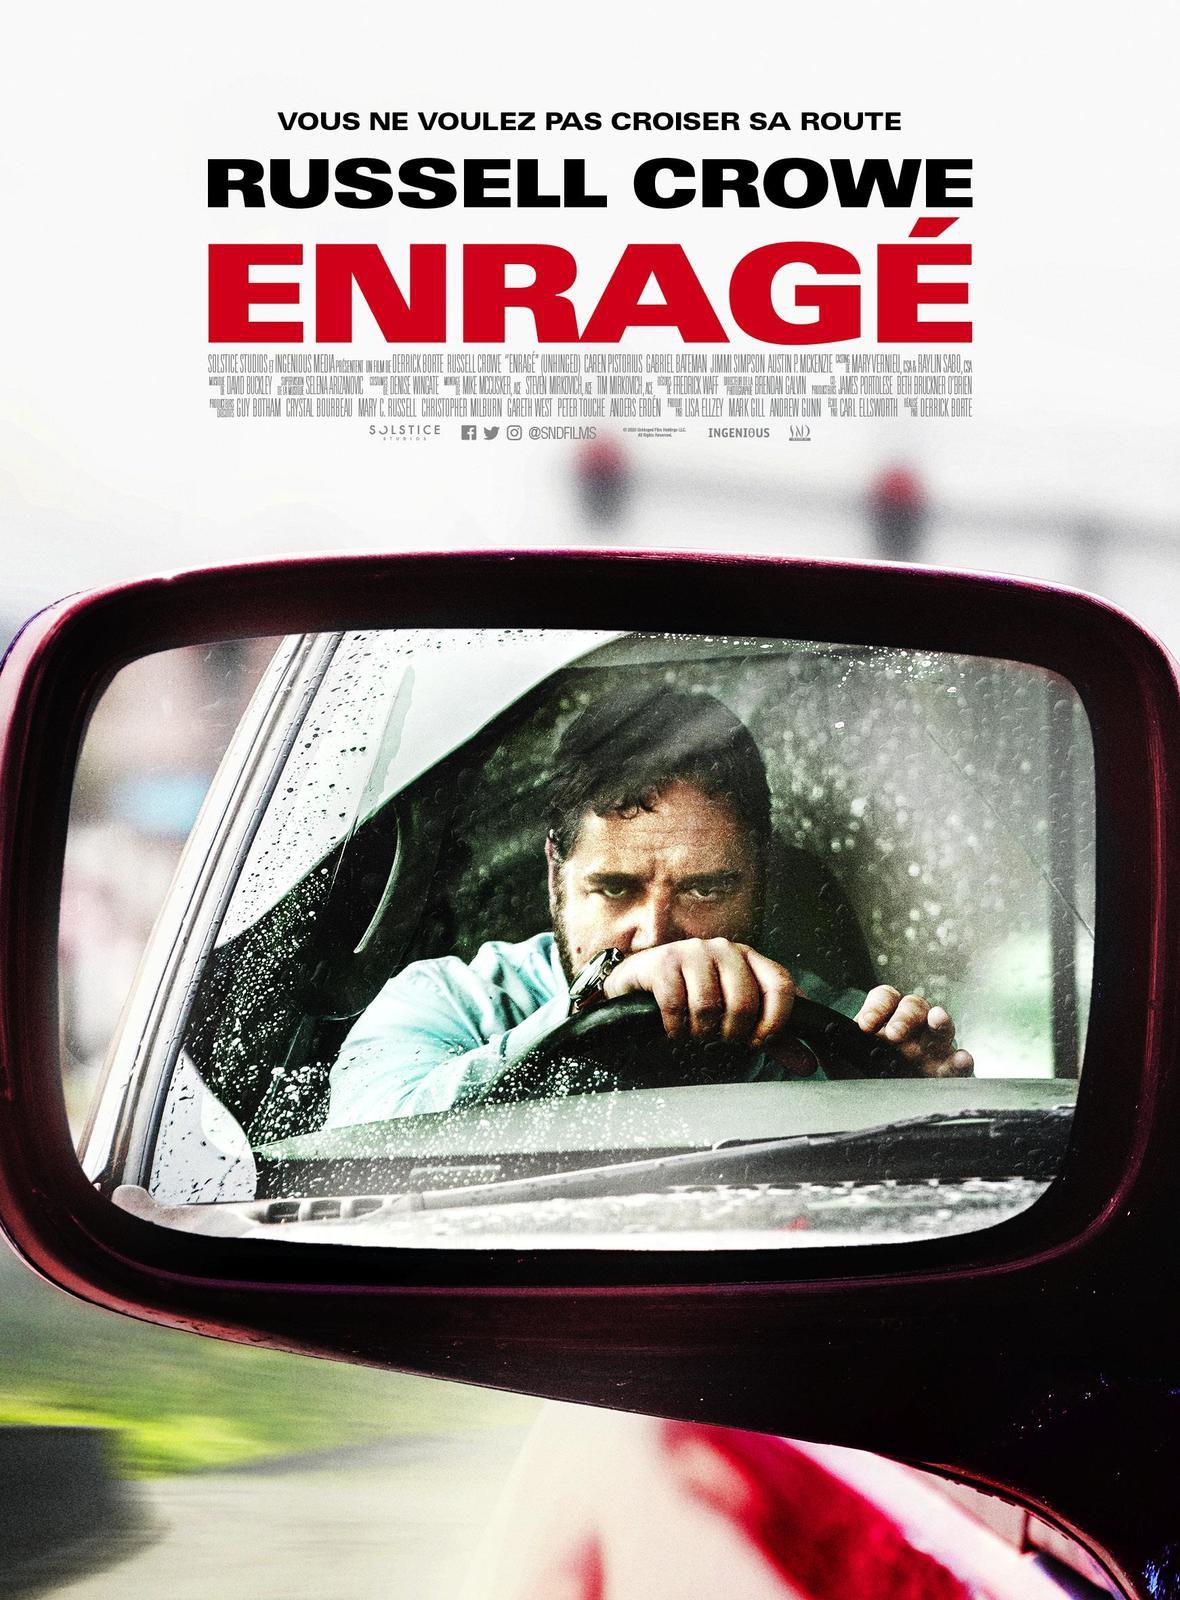 ENRAGÉ avec Russell Crowe, au Cinéma le 19 Aout 2020